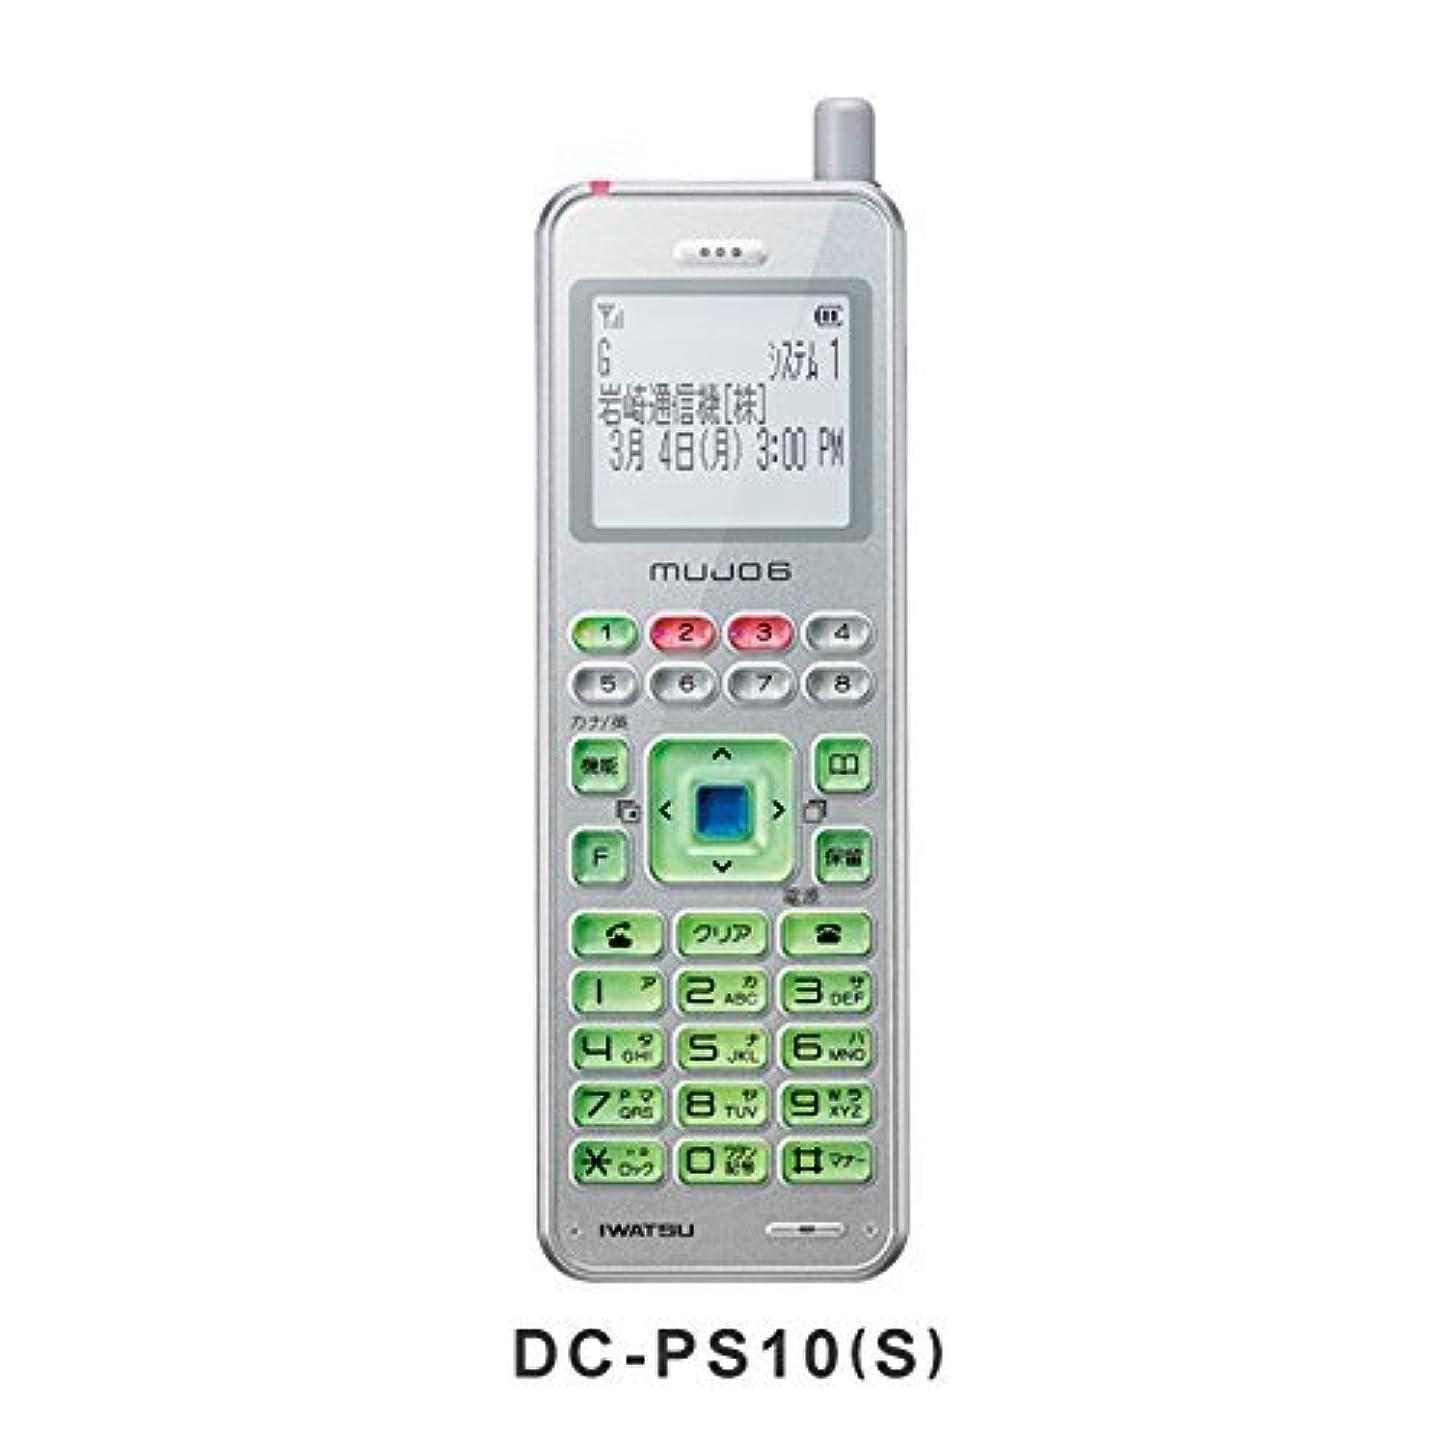 閃光通行人リラックスしたIWATSU MUJO6 DC-PS10(S)シルバー デジタルコードレス携帯タイプ 岩崎通信機